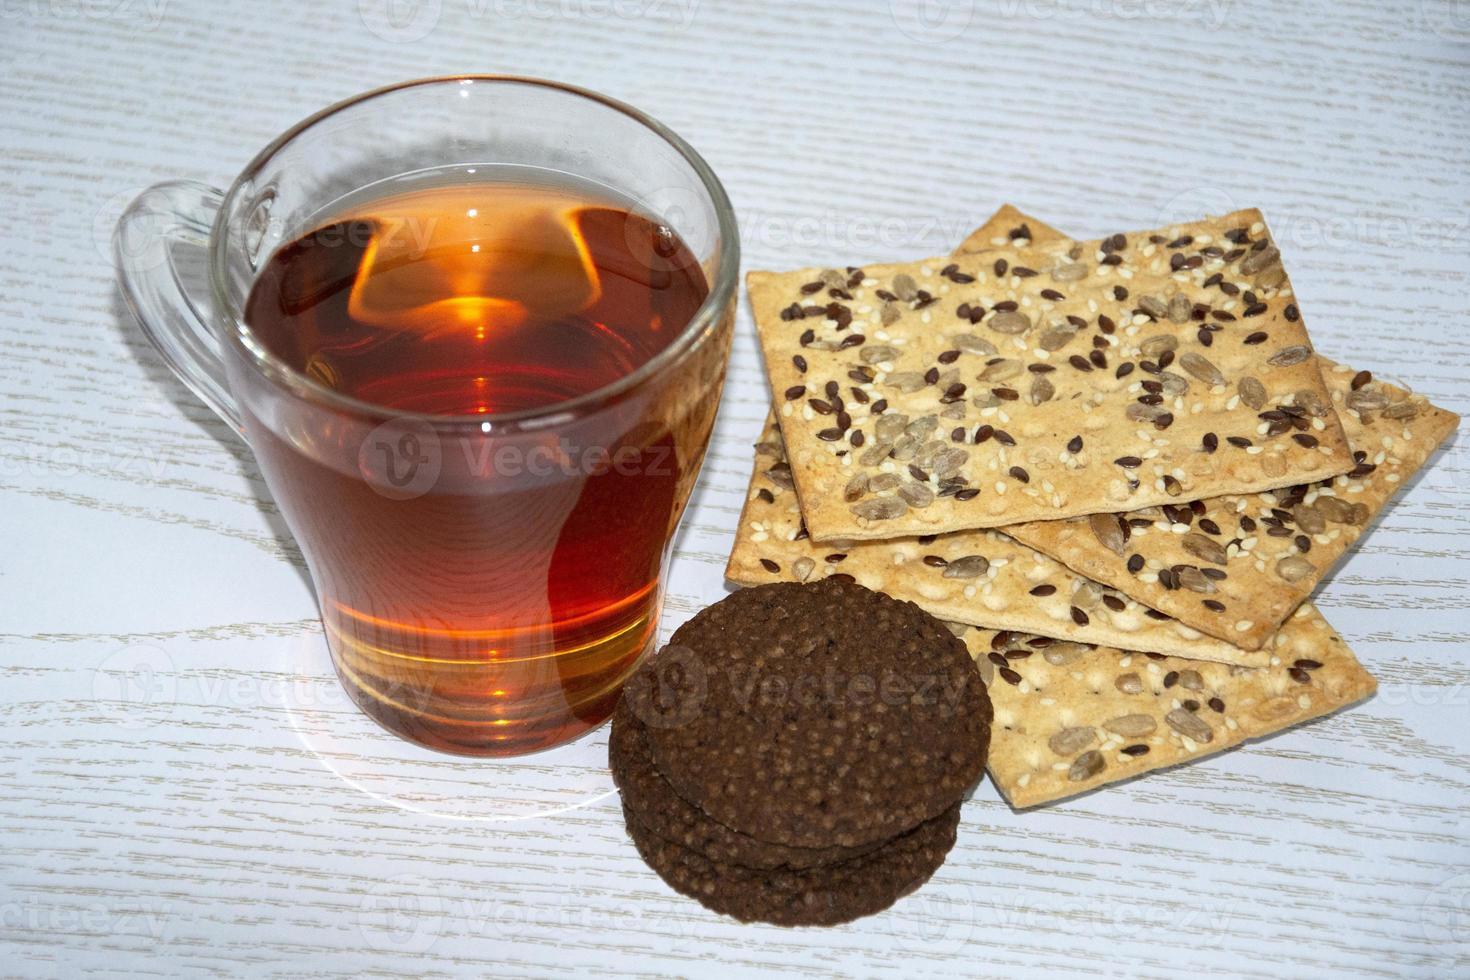 tasse en verre avec du thé chaud et des biscuits photo